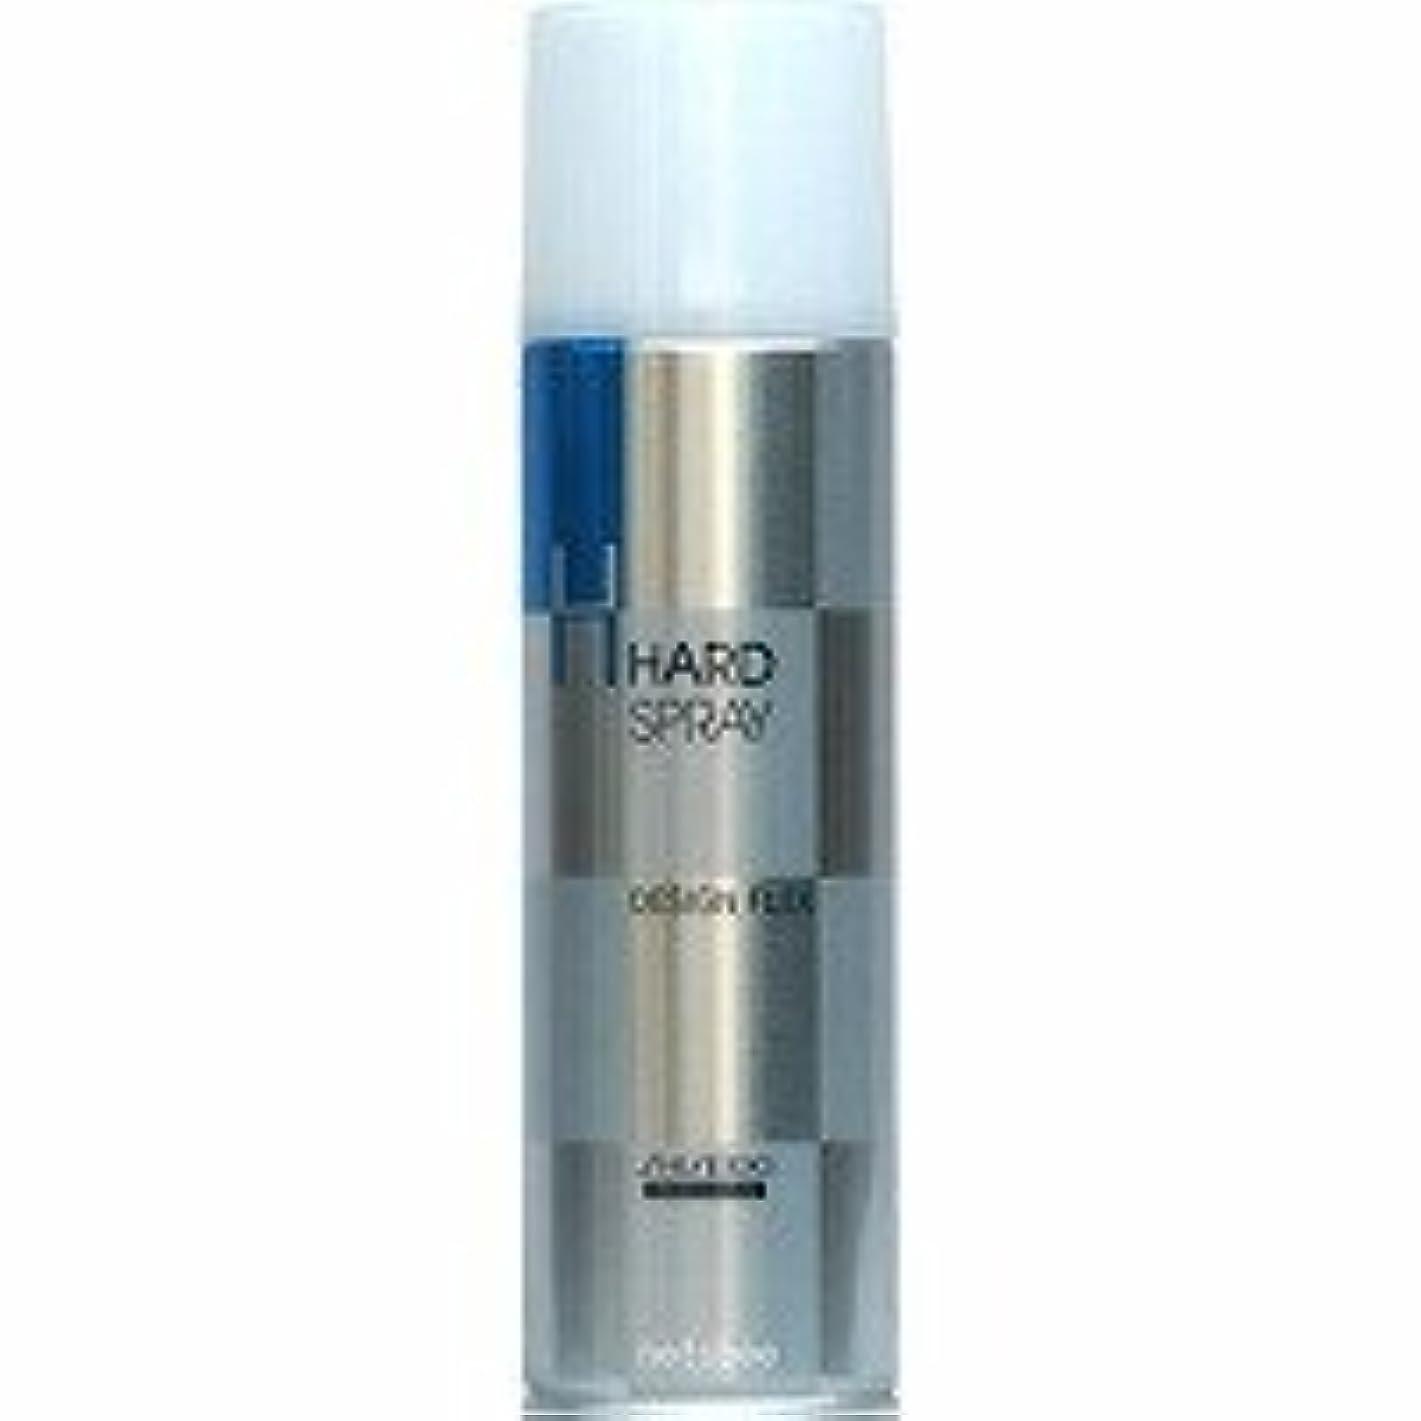 罰する経過非難【X3個セット】 資生堂プロフェッショナル デザインフレックス ハードスプレー 260g shiseido PROFESSIONAL